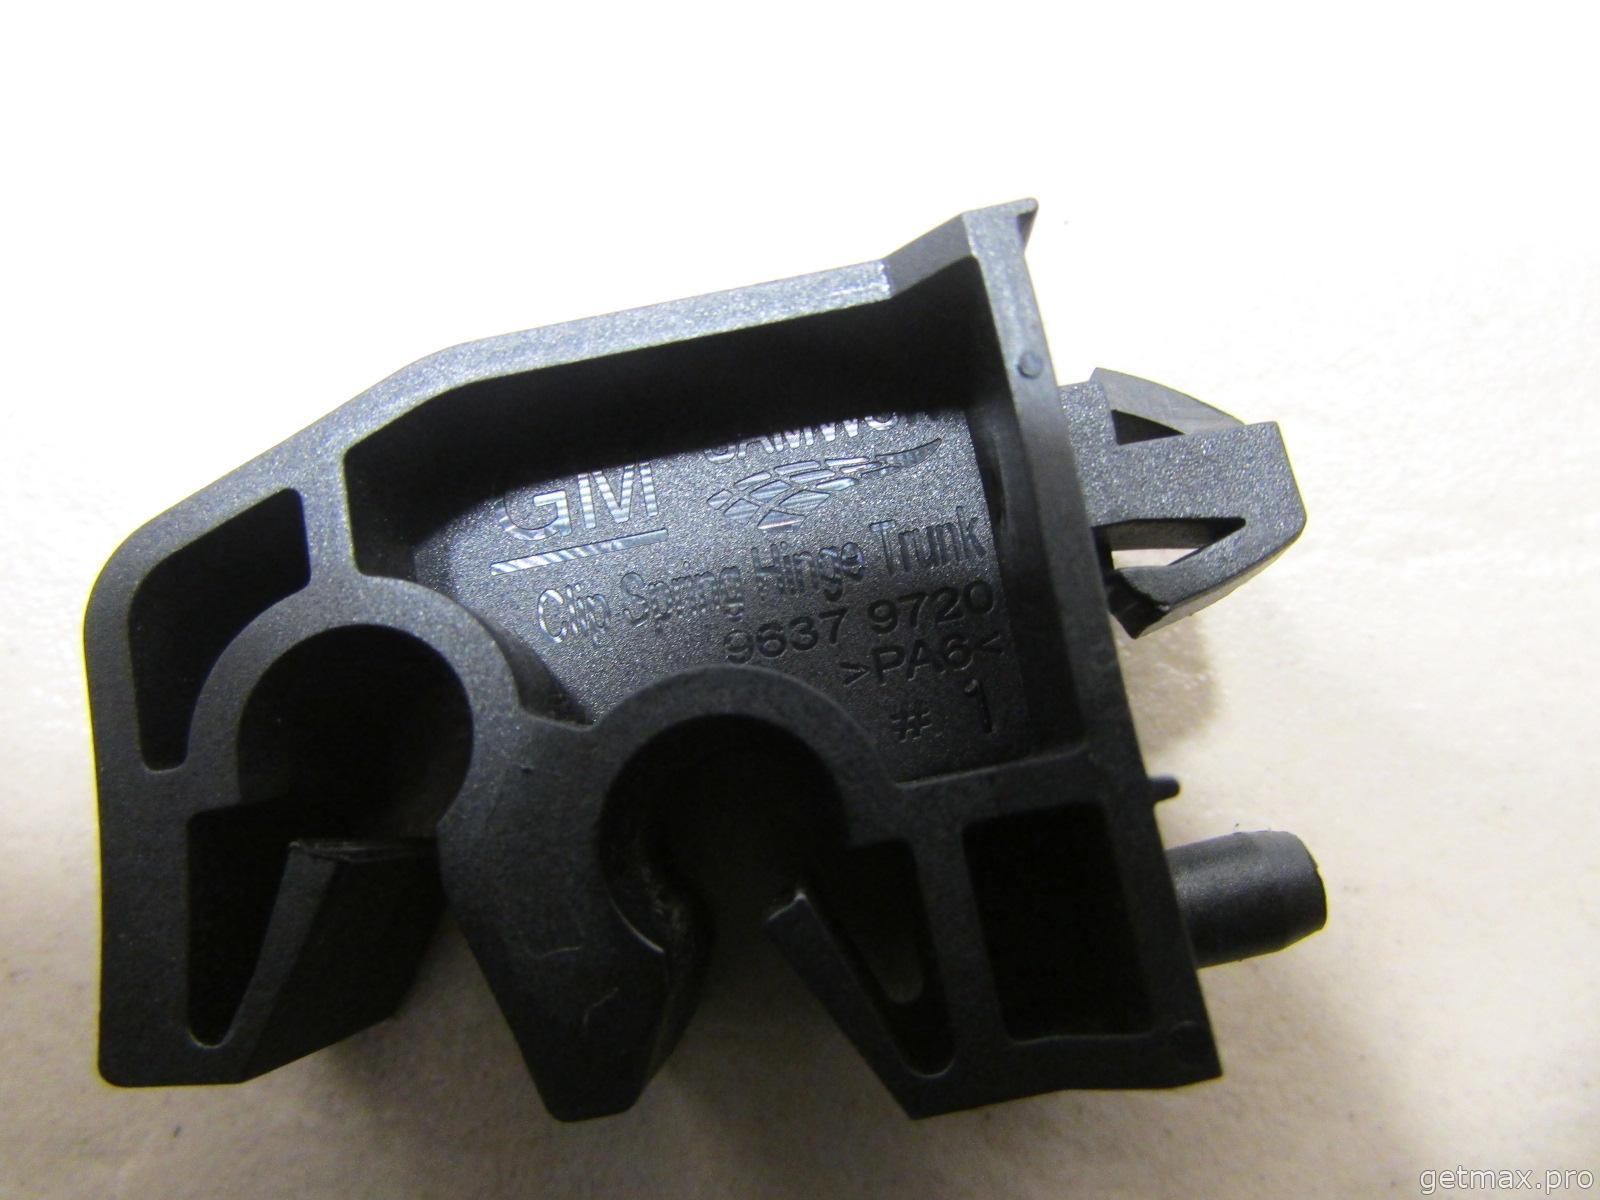 Фиксатор (бу) Chevrolet Lacetti 2003-2013 купить